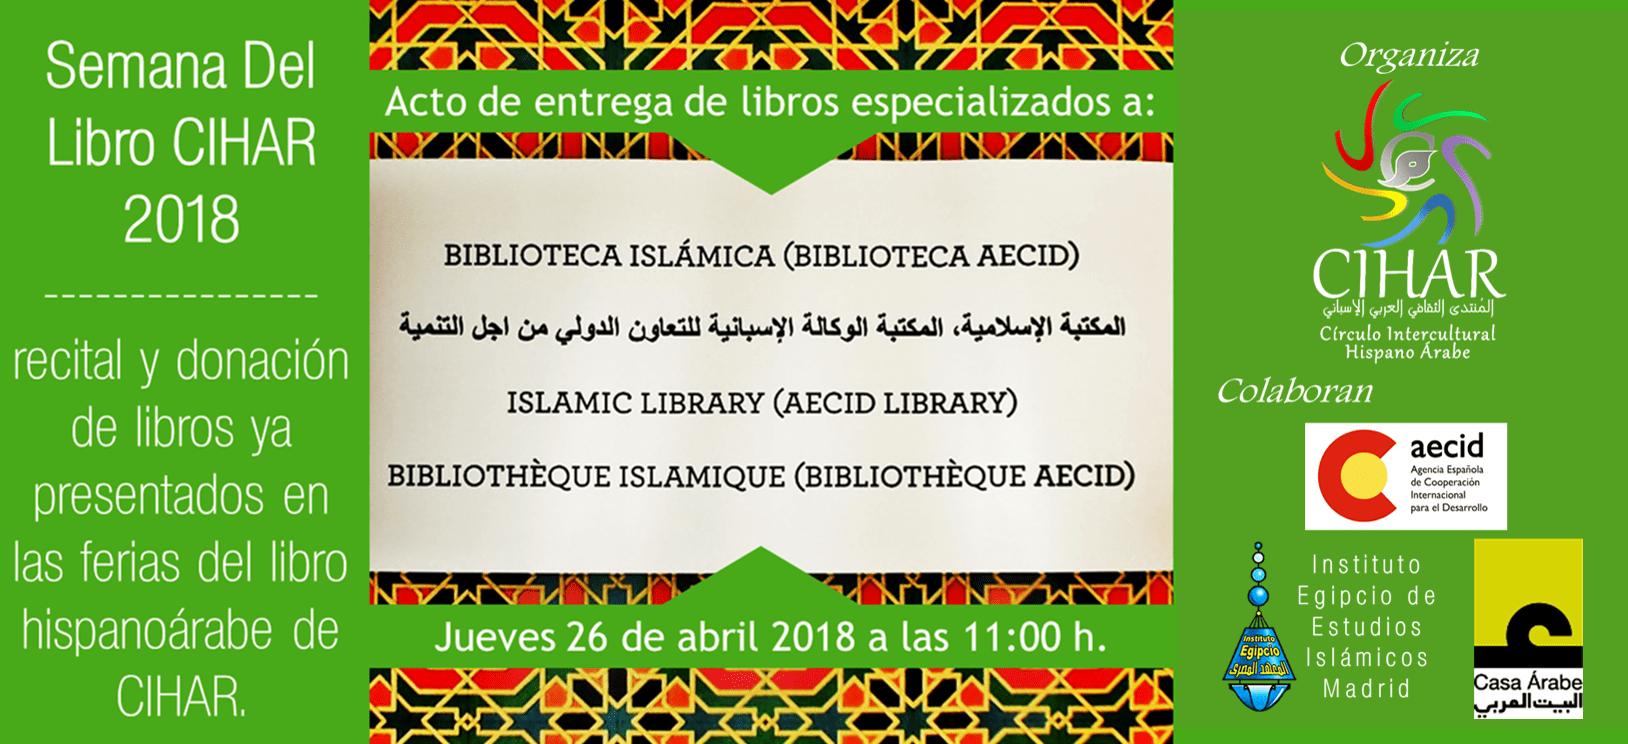 Recital y donación de libros a la Biblioteca Islámica – Nota de prensa